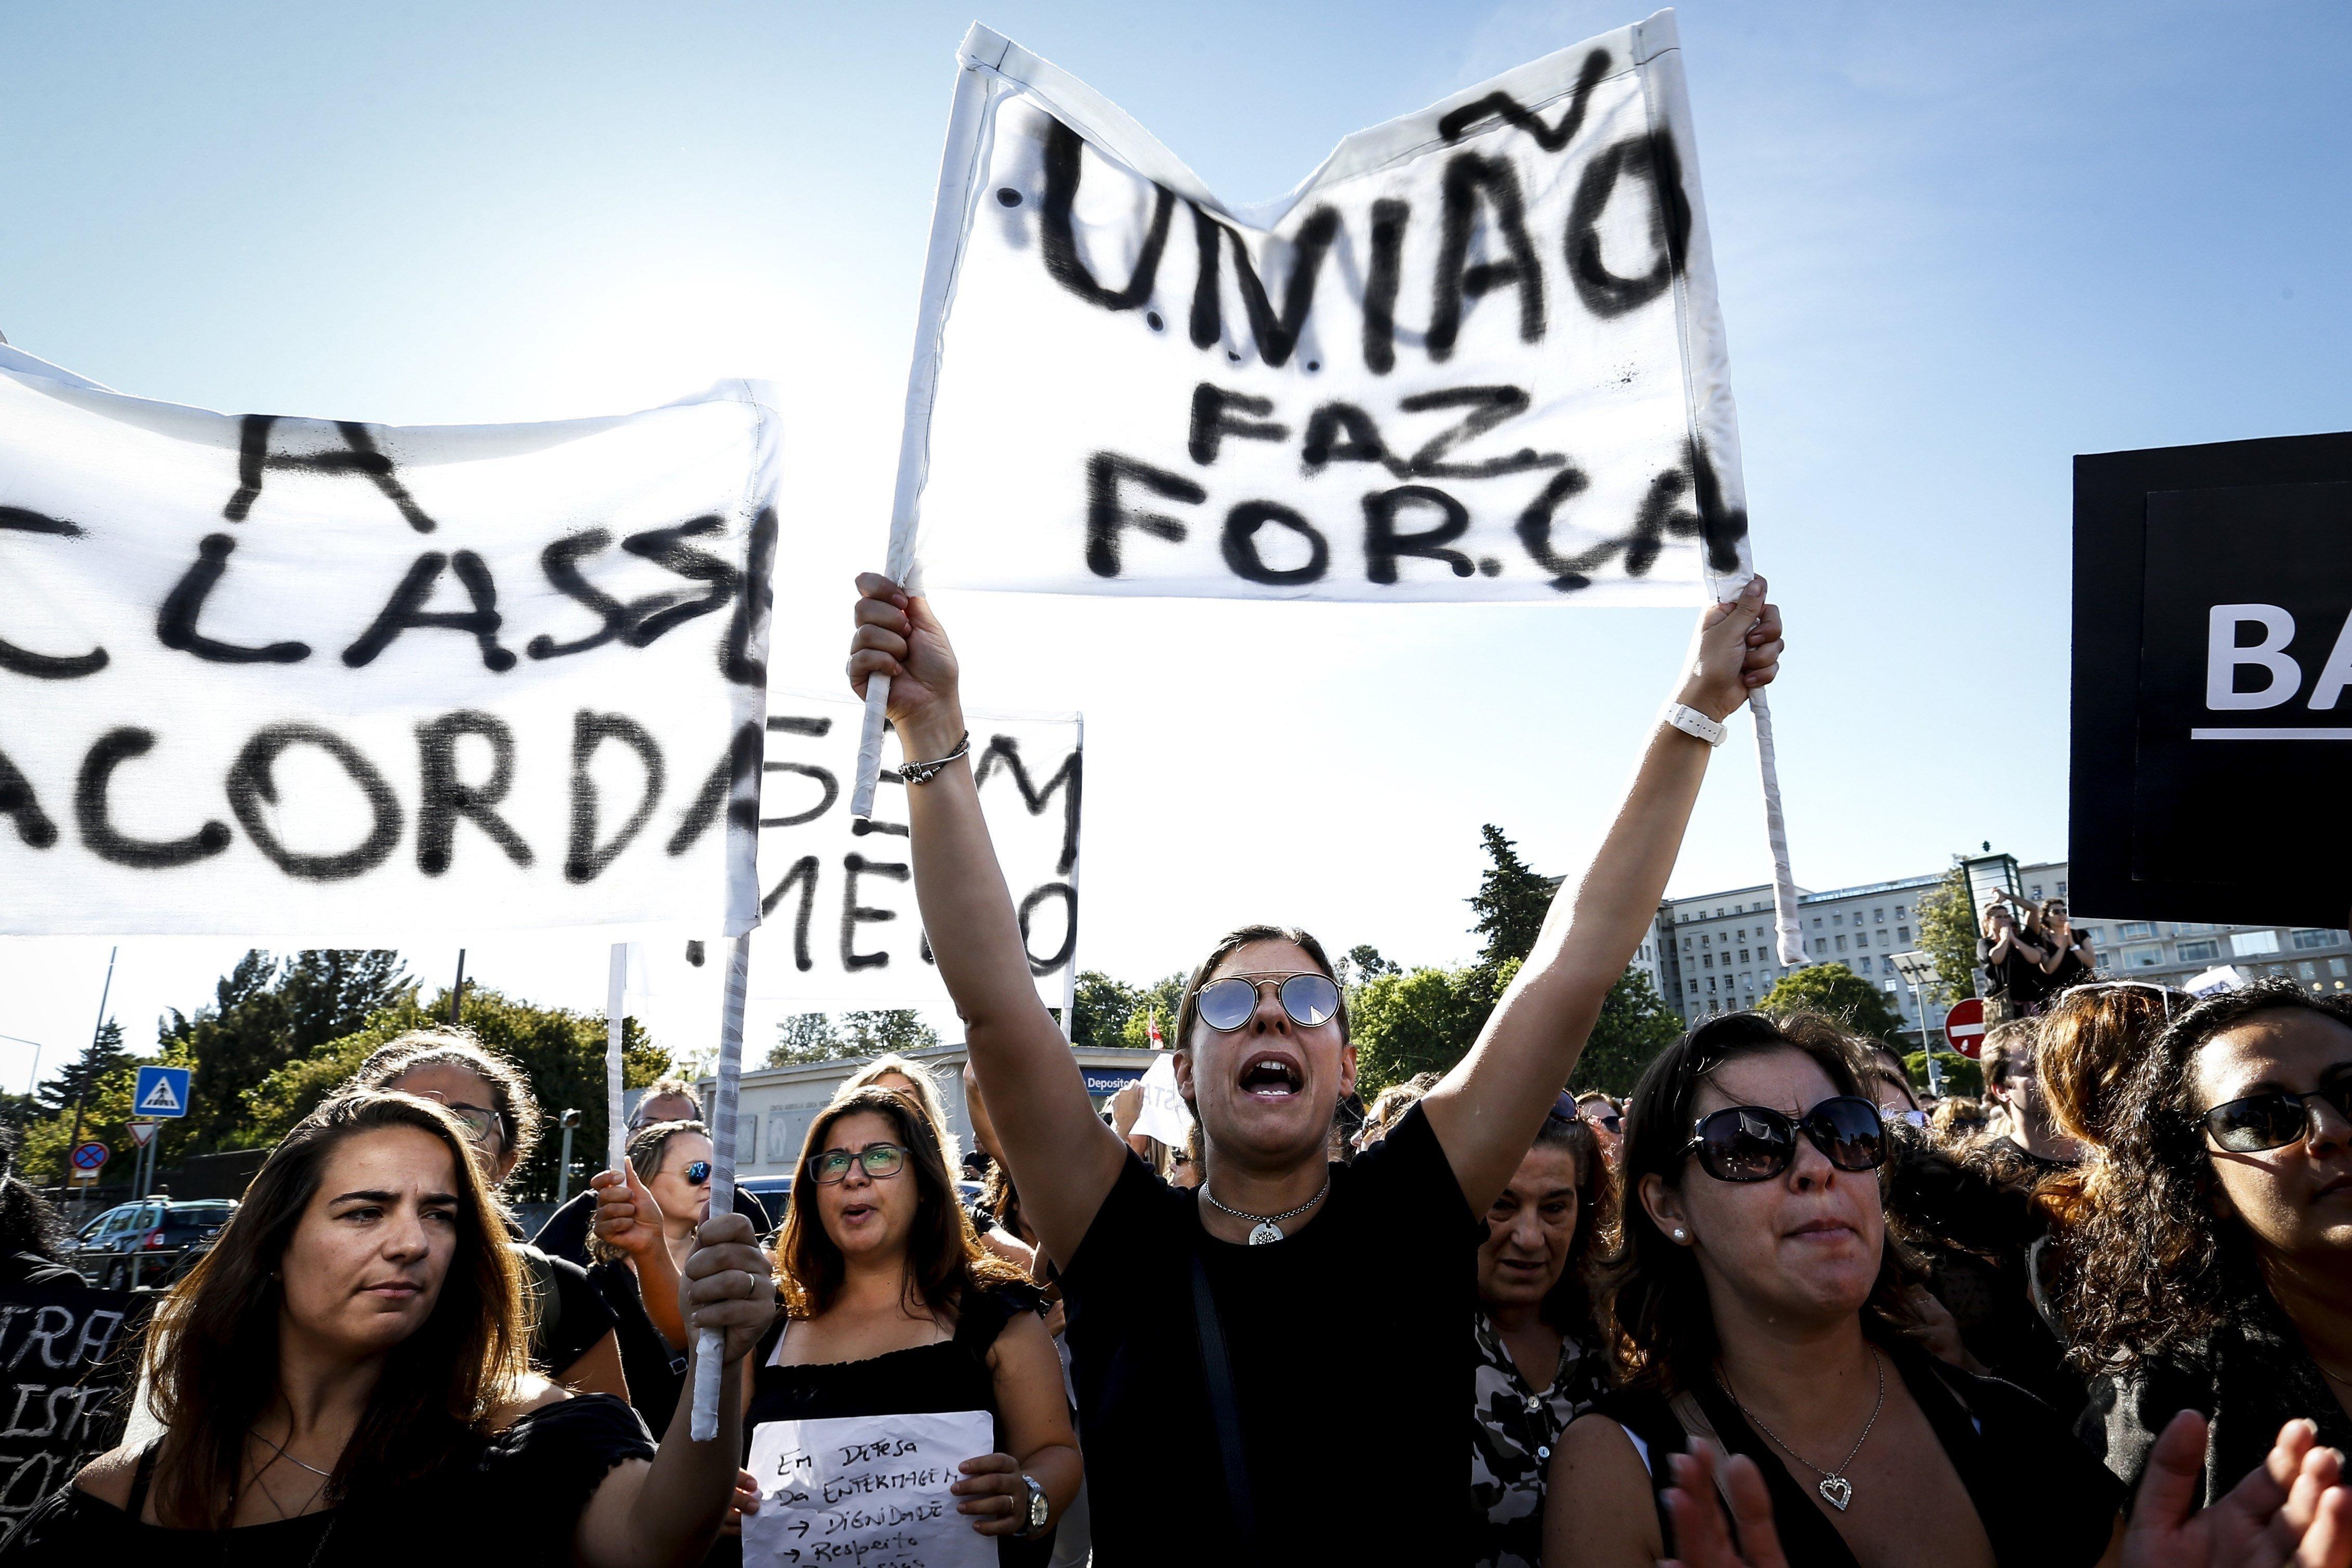 Infermeres mostren pancartes durant una protesta davant l'Hospital de Santa Maria per mostrar la seva insatisfacció amb la situació actual del sector, a Lisboa, Portugal. /RODRIGO ANTUNES